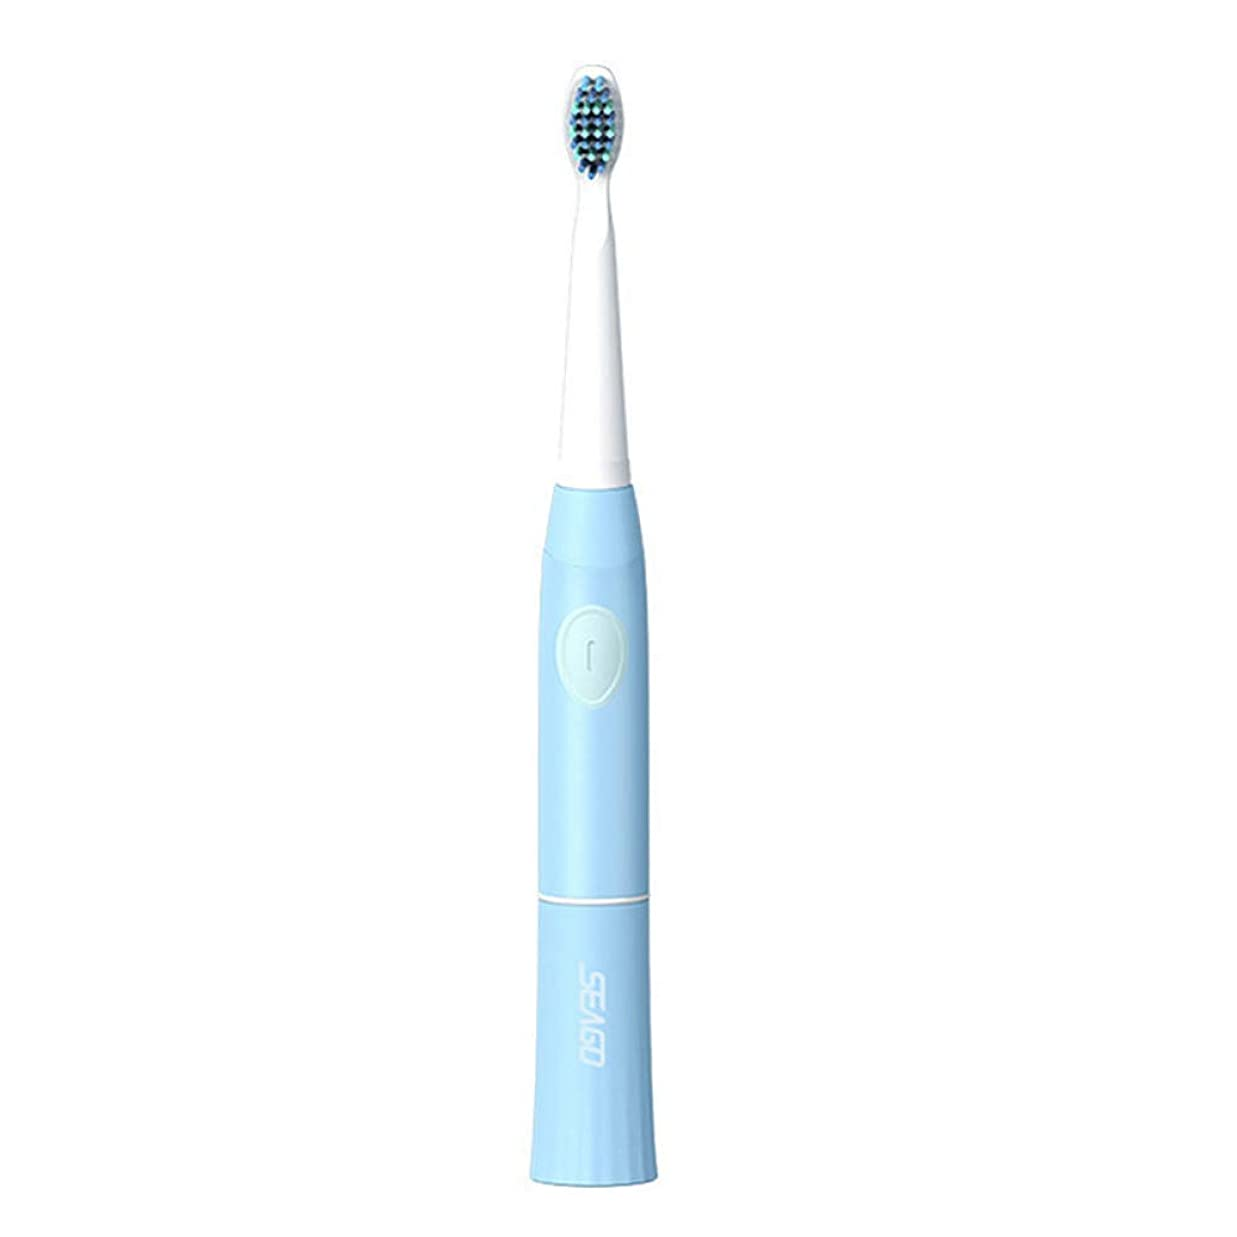 光市民権ルアー防水電動歯ブラシ充電式電子歯ブラシソニックヘッド大人タイマー歯ブラシ、ブルー